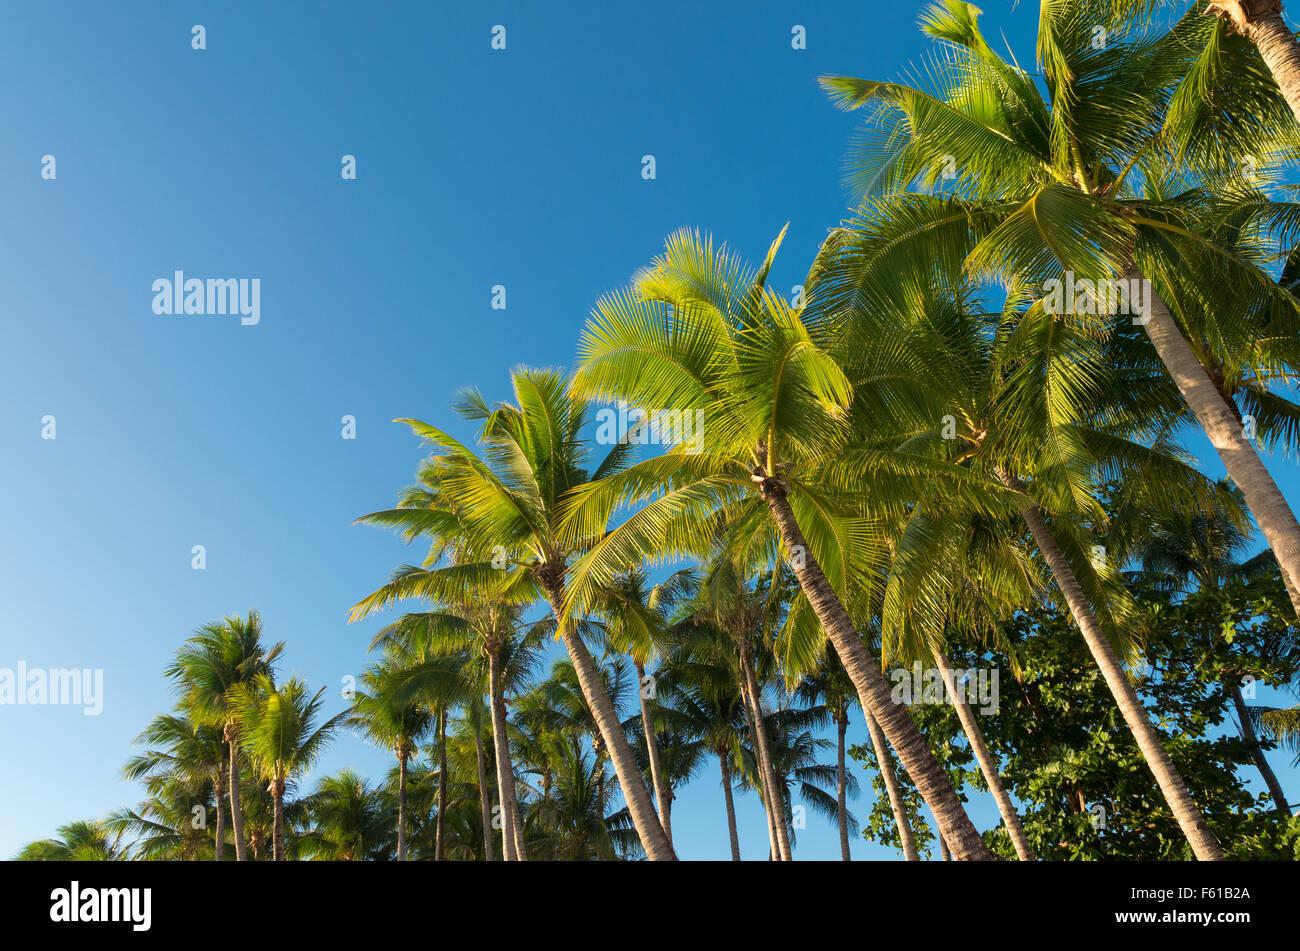 Palmen vor blauem Himmel Stockbild